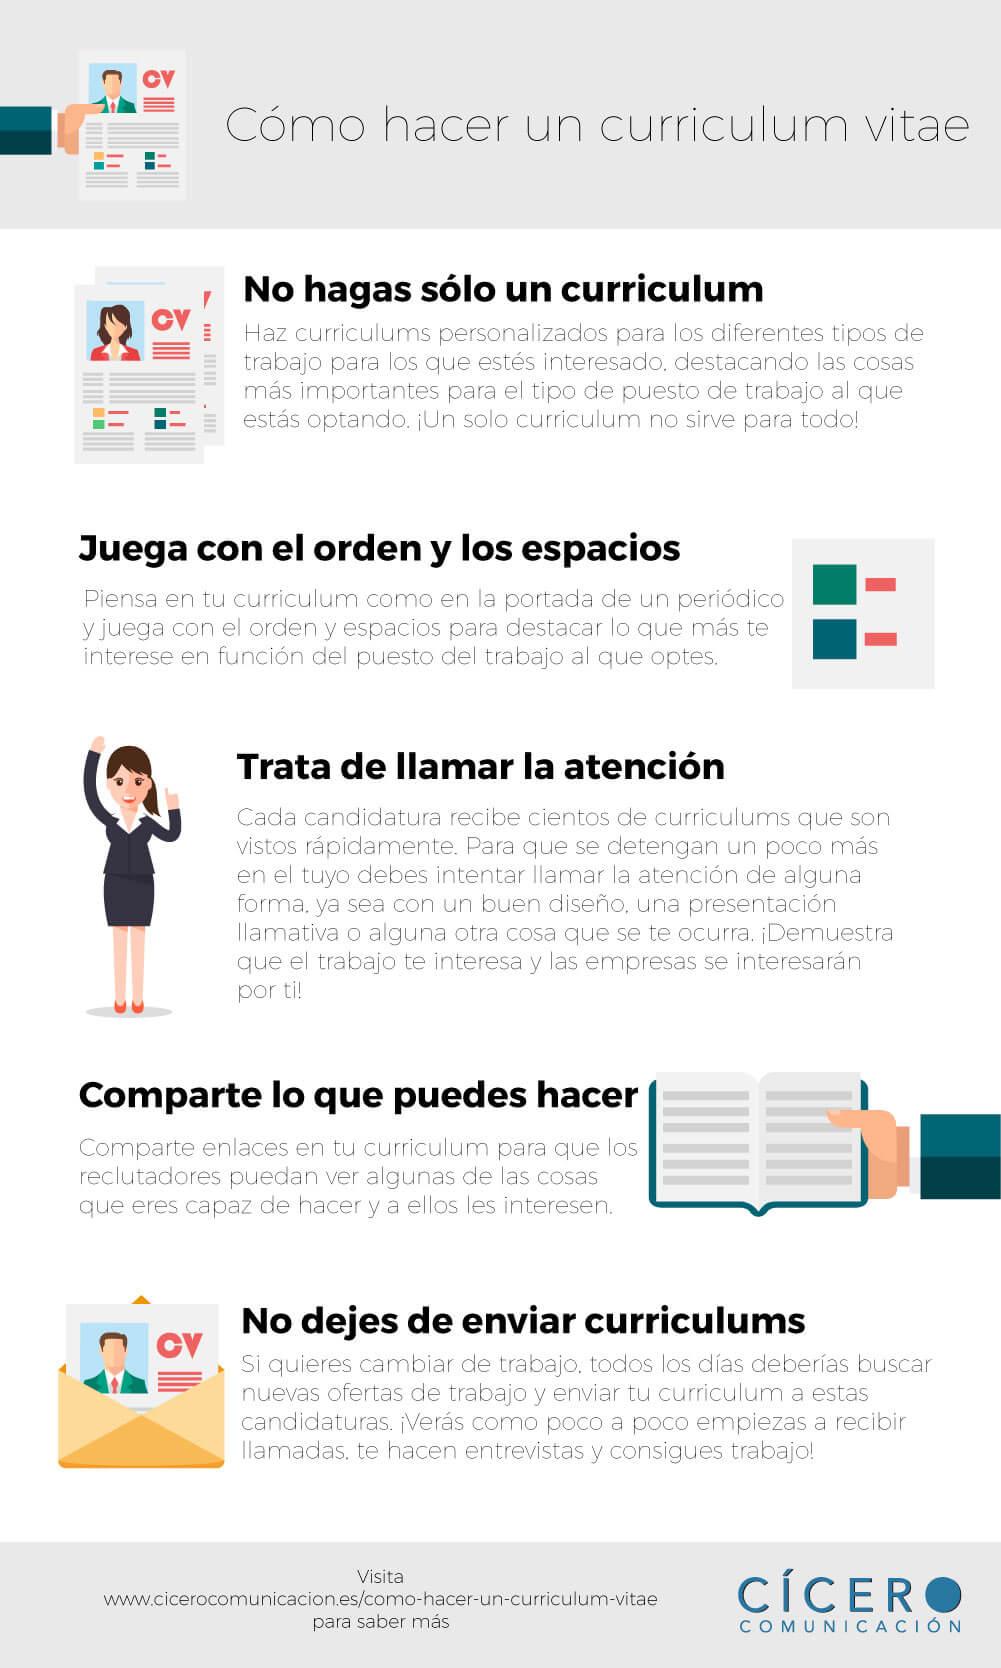 Infografía sobre cómo hacer un curriculum